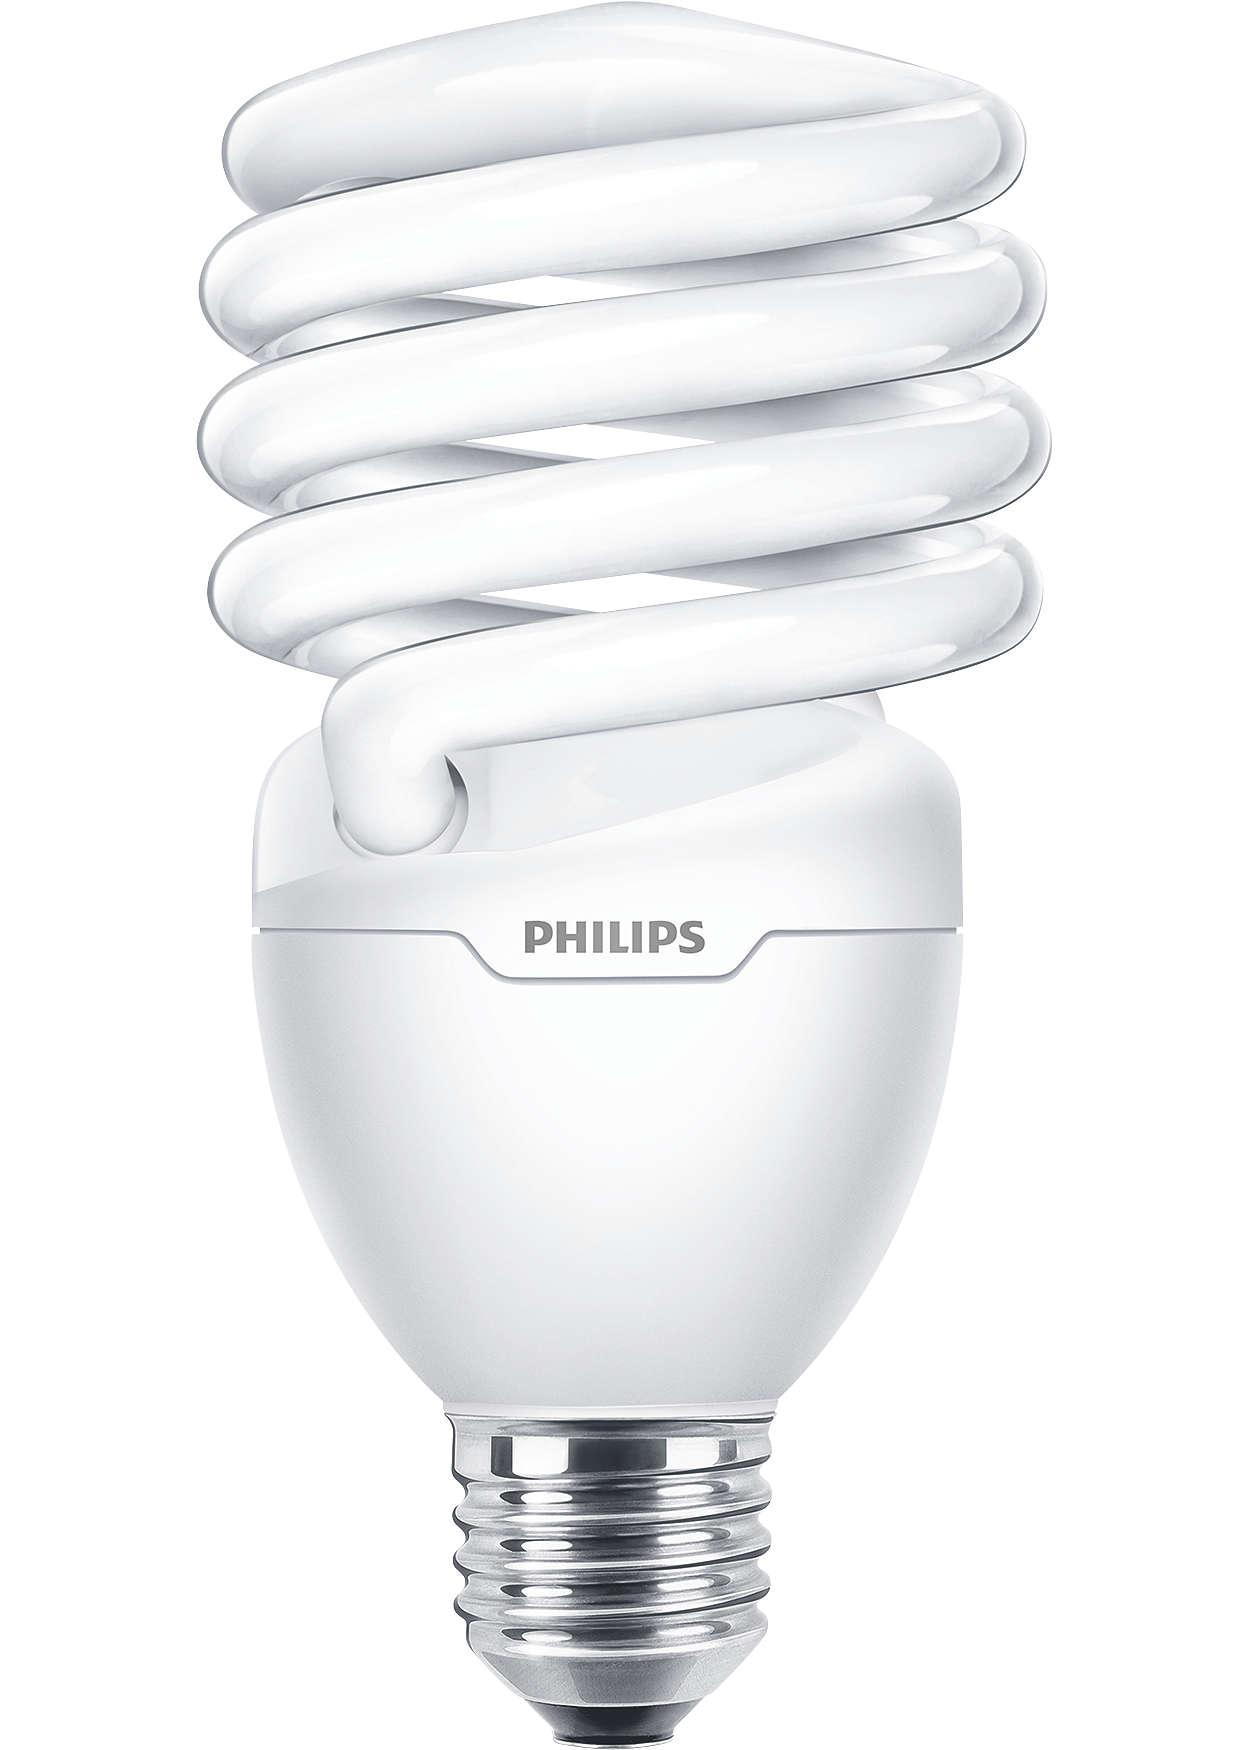 Combining superior high lumen, design & performance